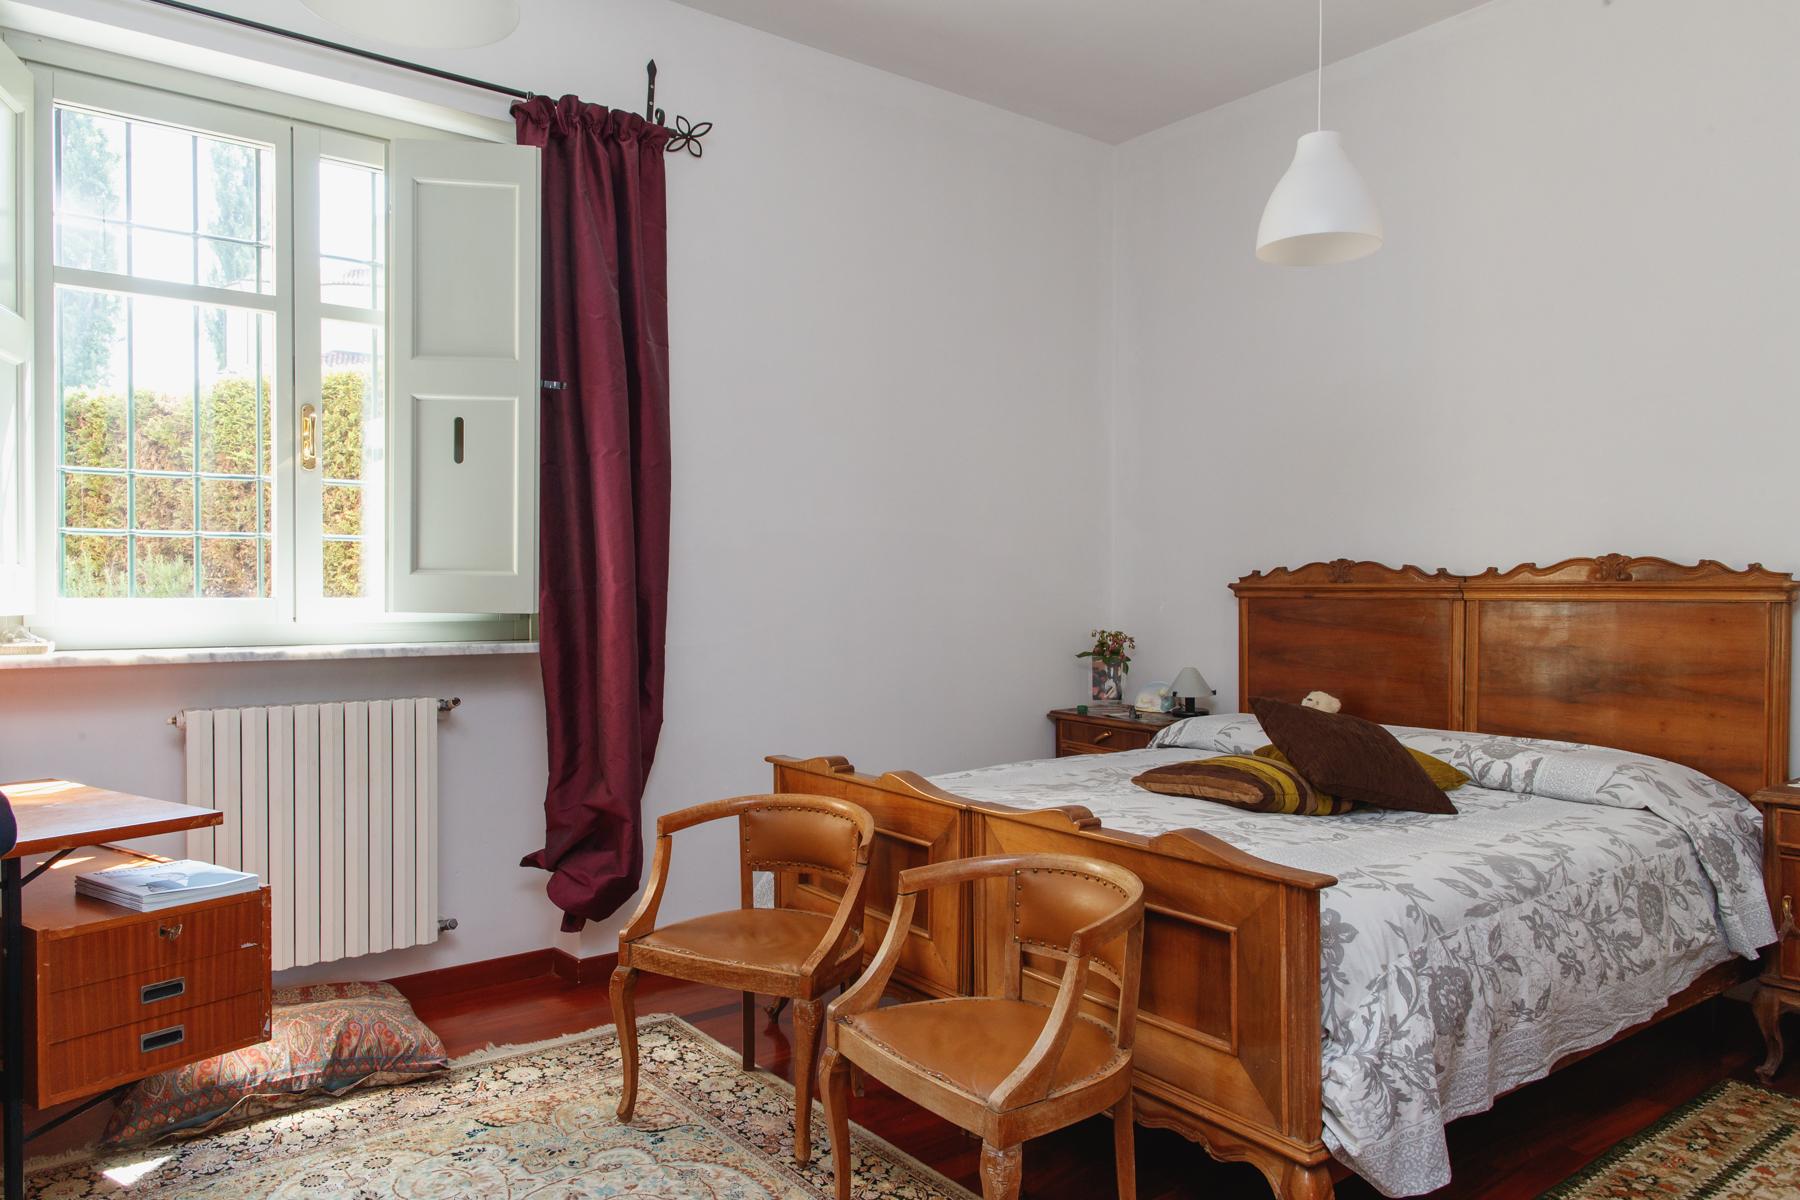 Casa indipendente in Vendita a Moncalieri: 5 locali, 370 mq - Foto 17